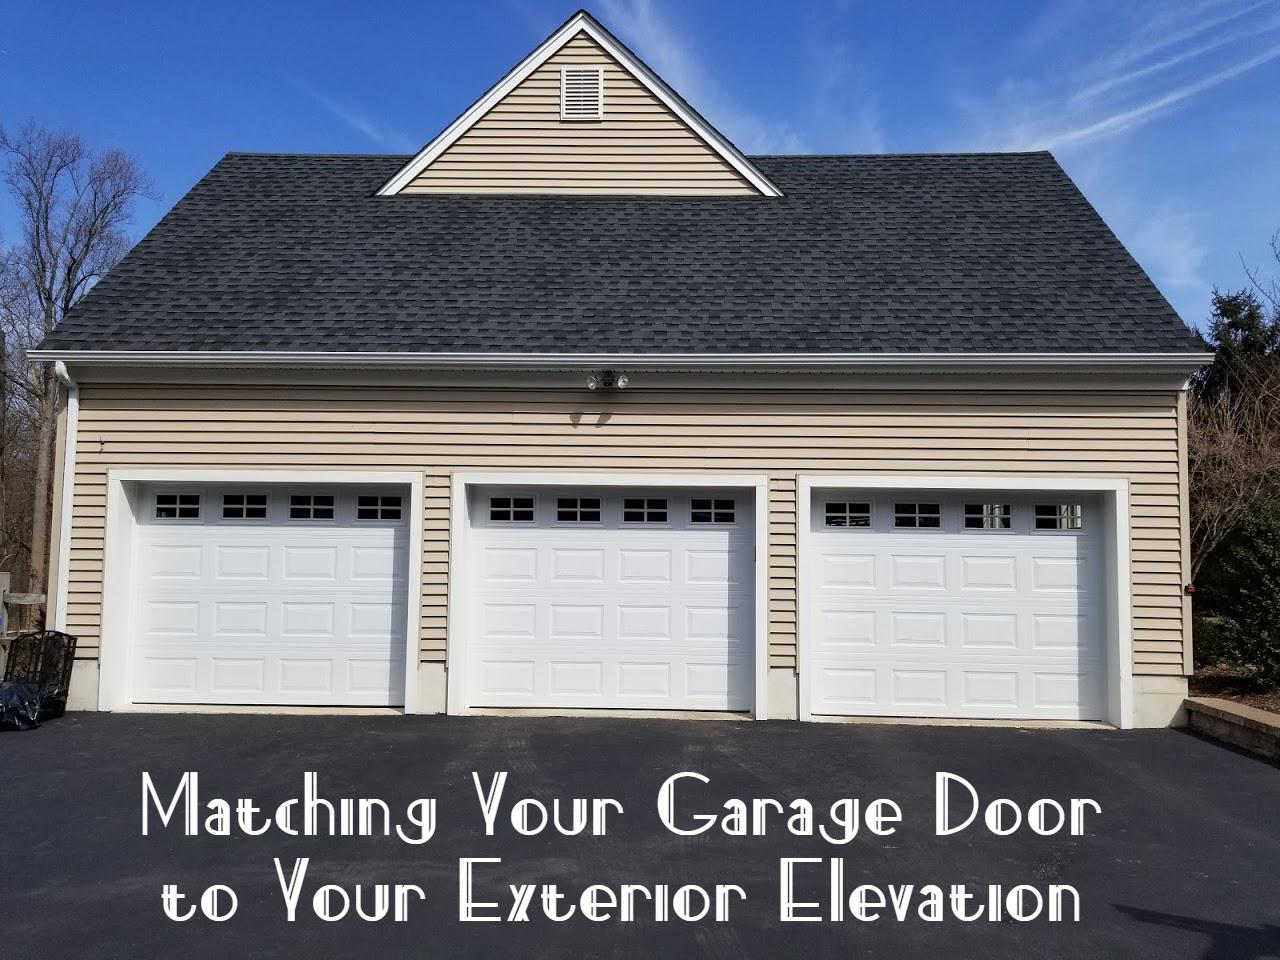 Matching Your Garage Door to Your Exterior Elevation; Garage Door Opener System; White Residential Garage Door.